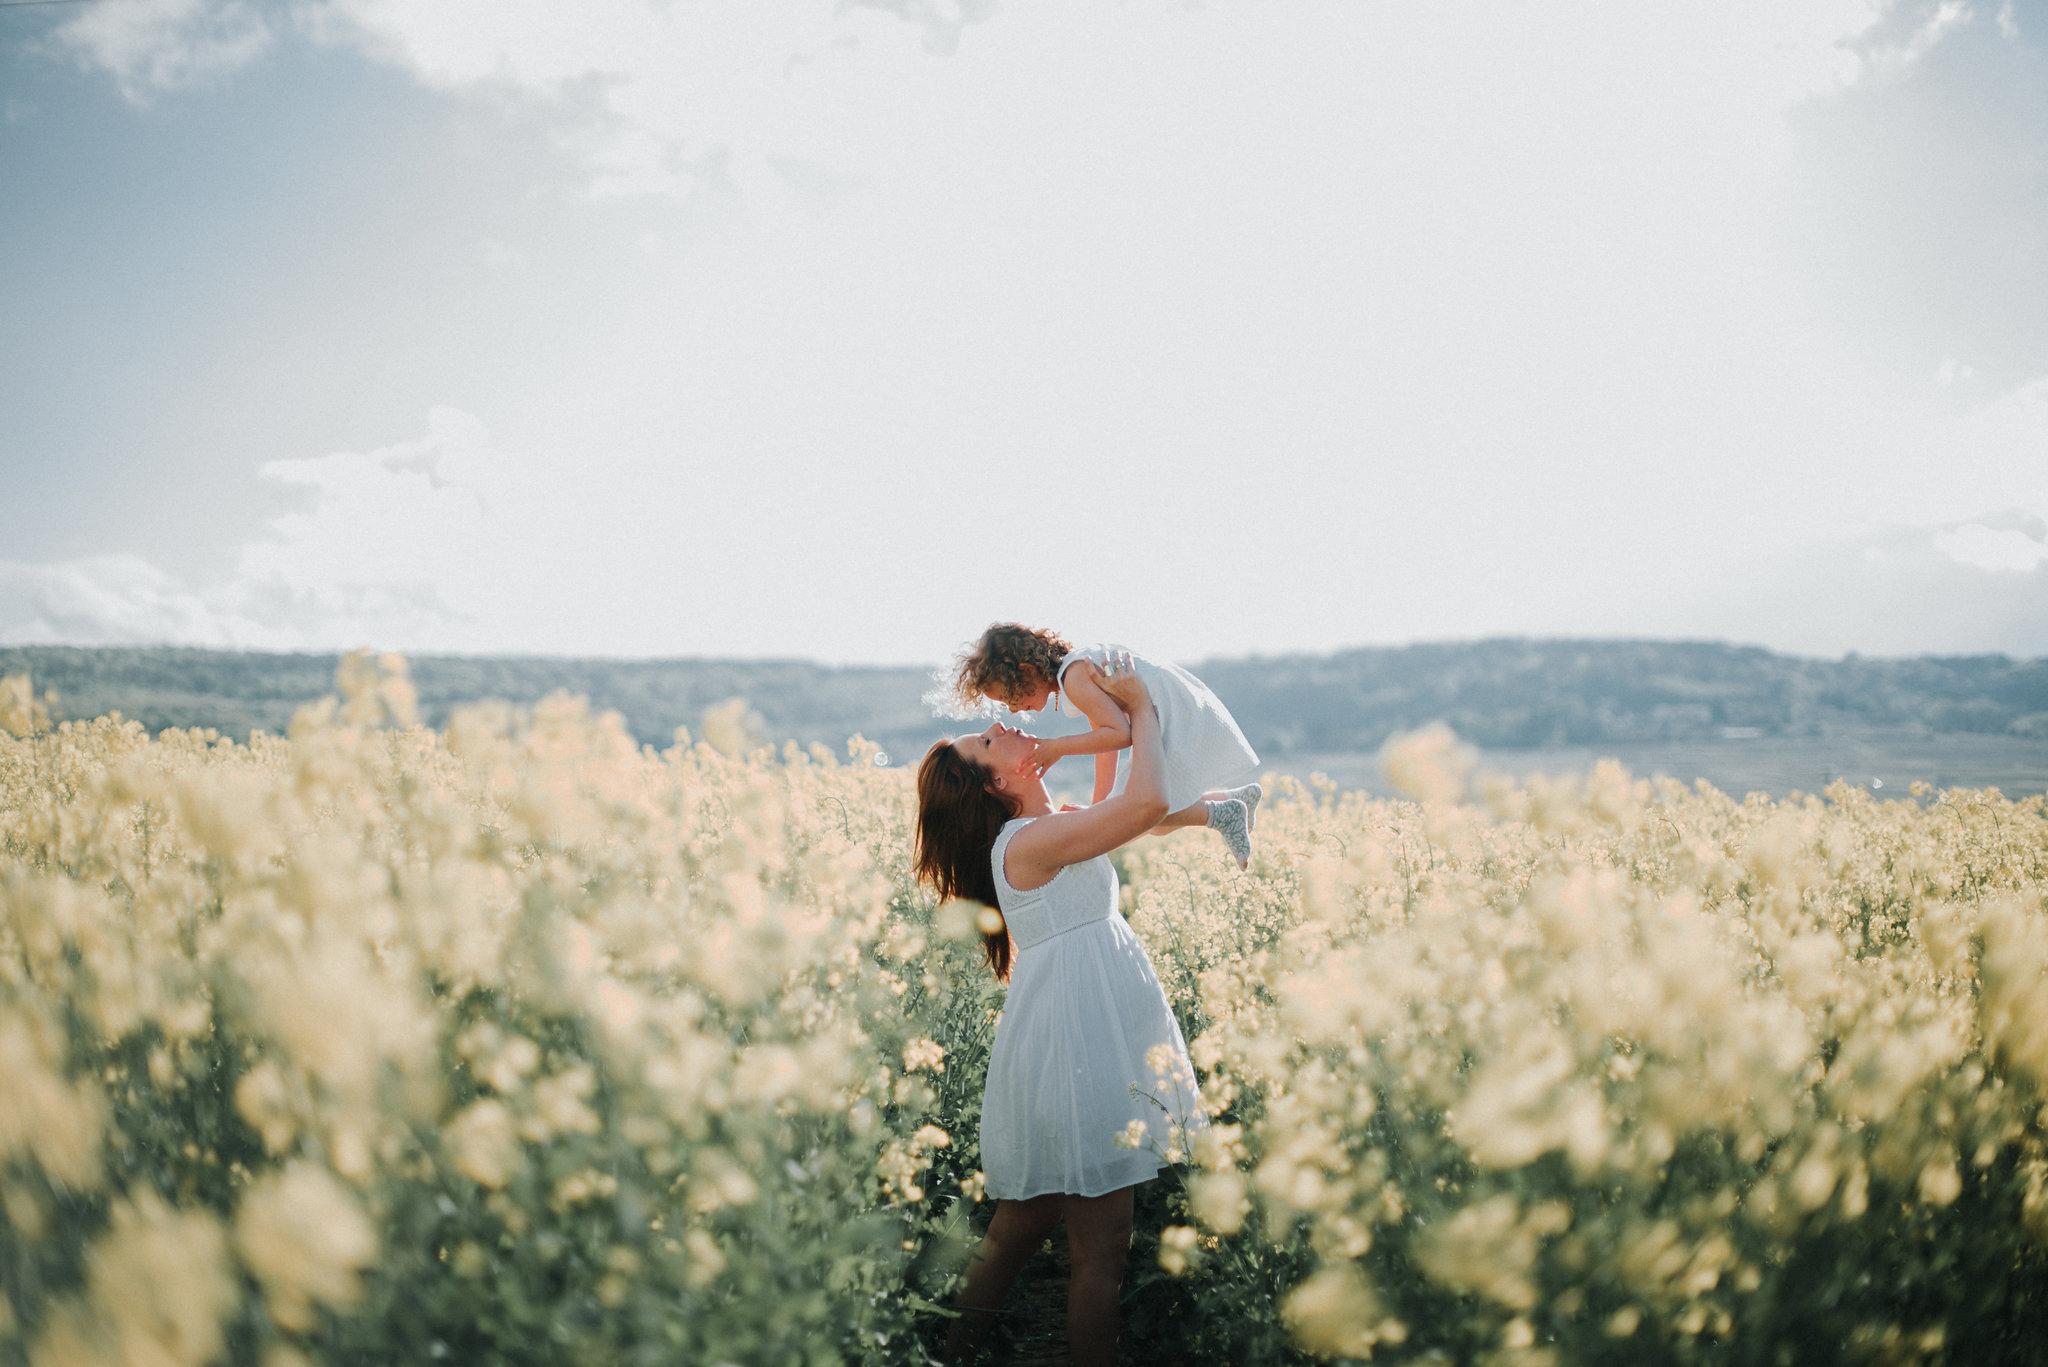 Léa-Fery-photographe-professionnel-lyon-rhone-alpes-portrait-creation-mariage-evenement-evenementiel-famille-8385.jpg